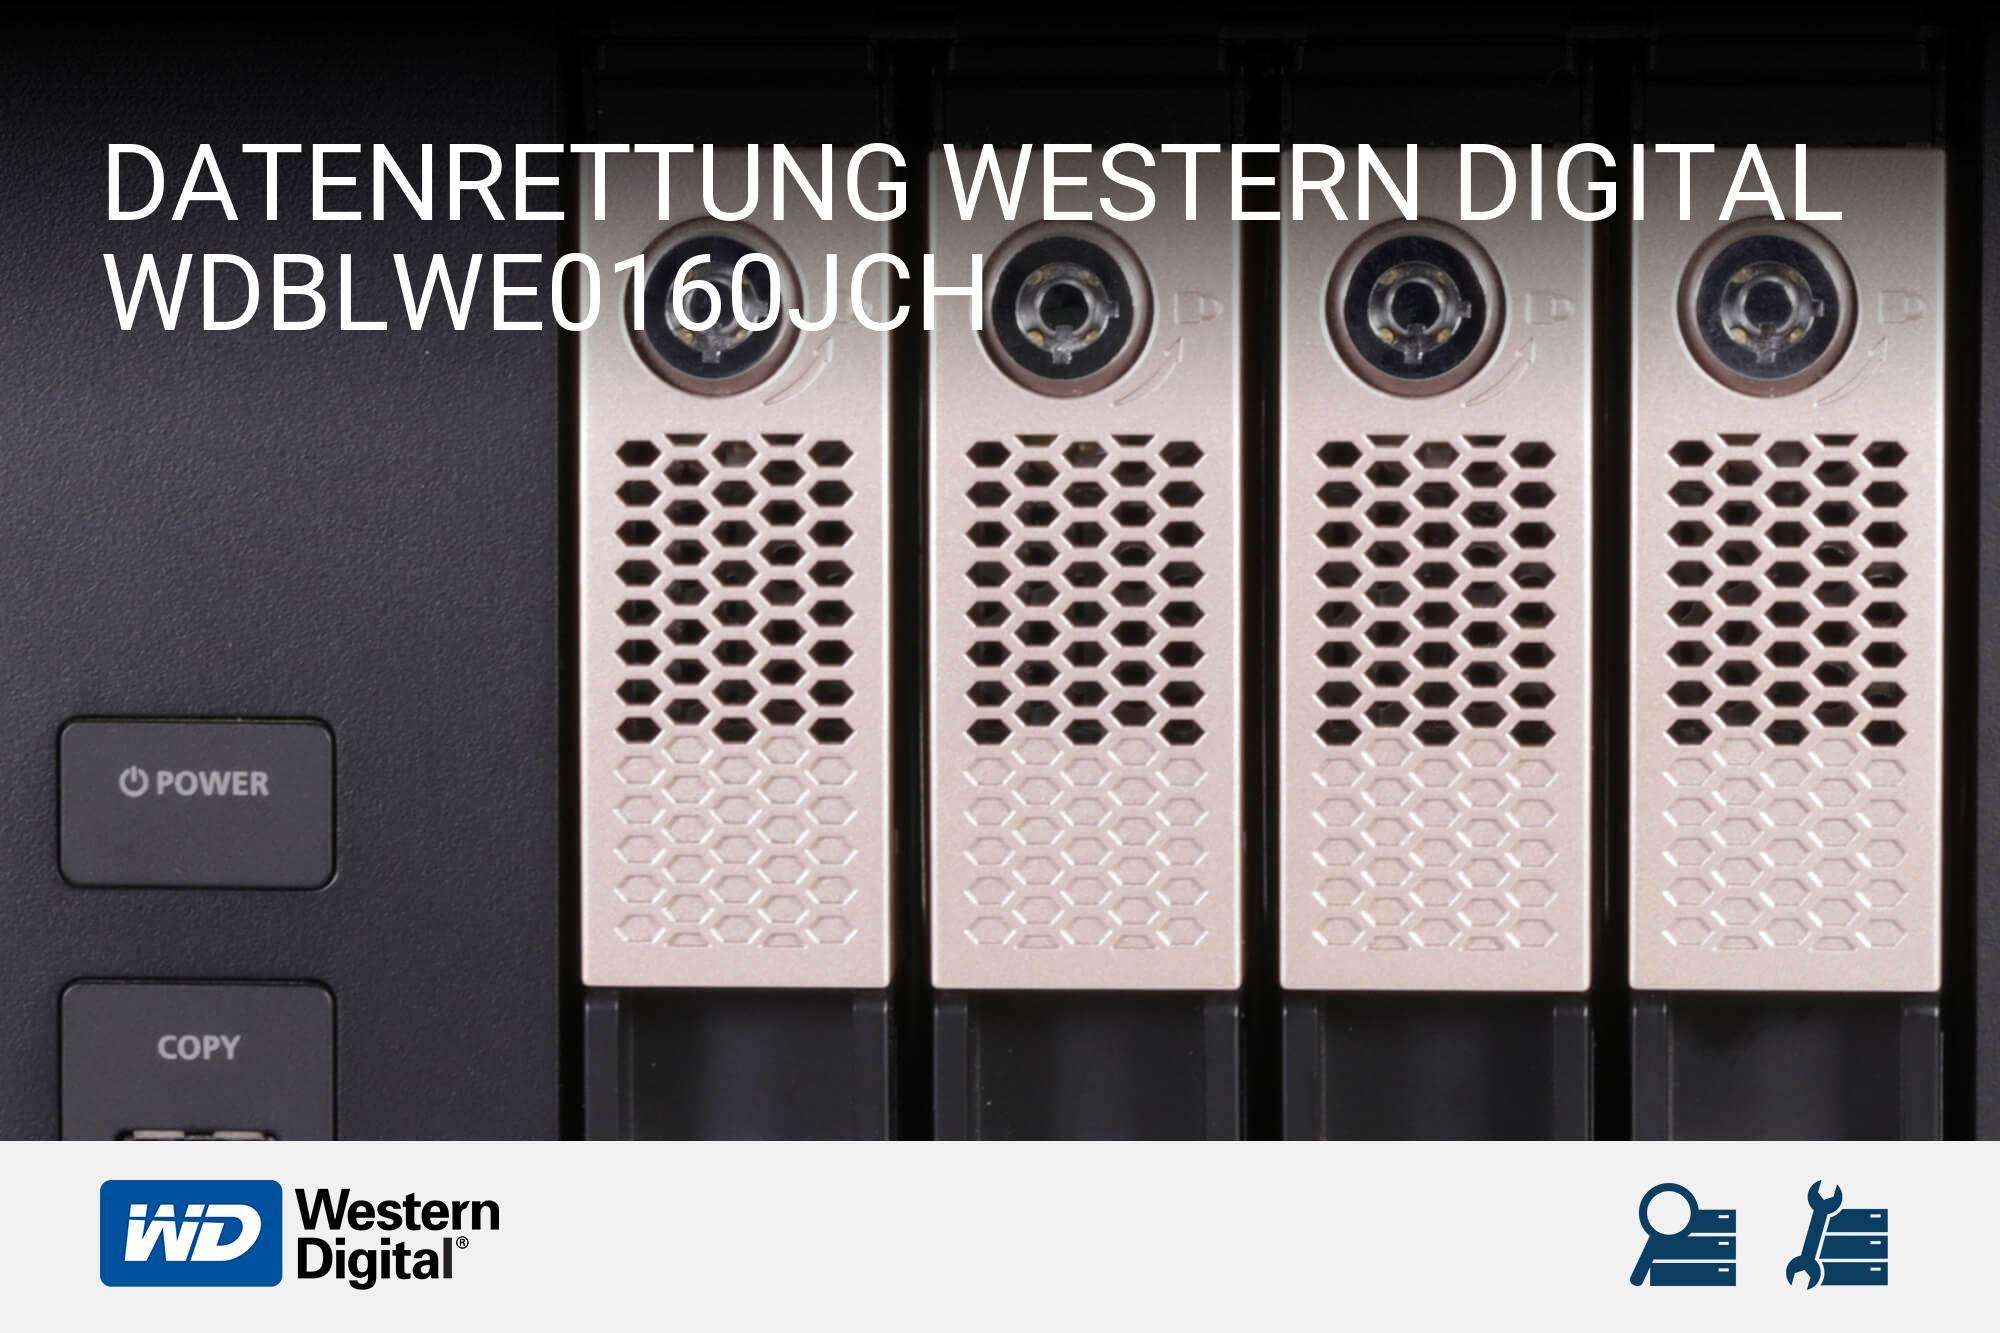 Western Digital WDBLWE0160JCH